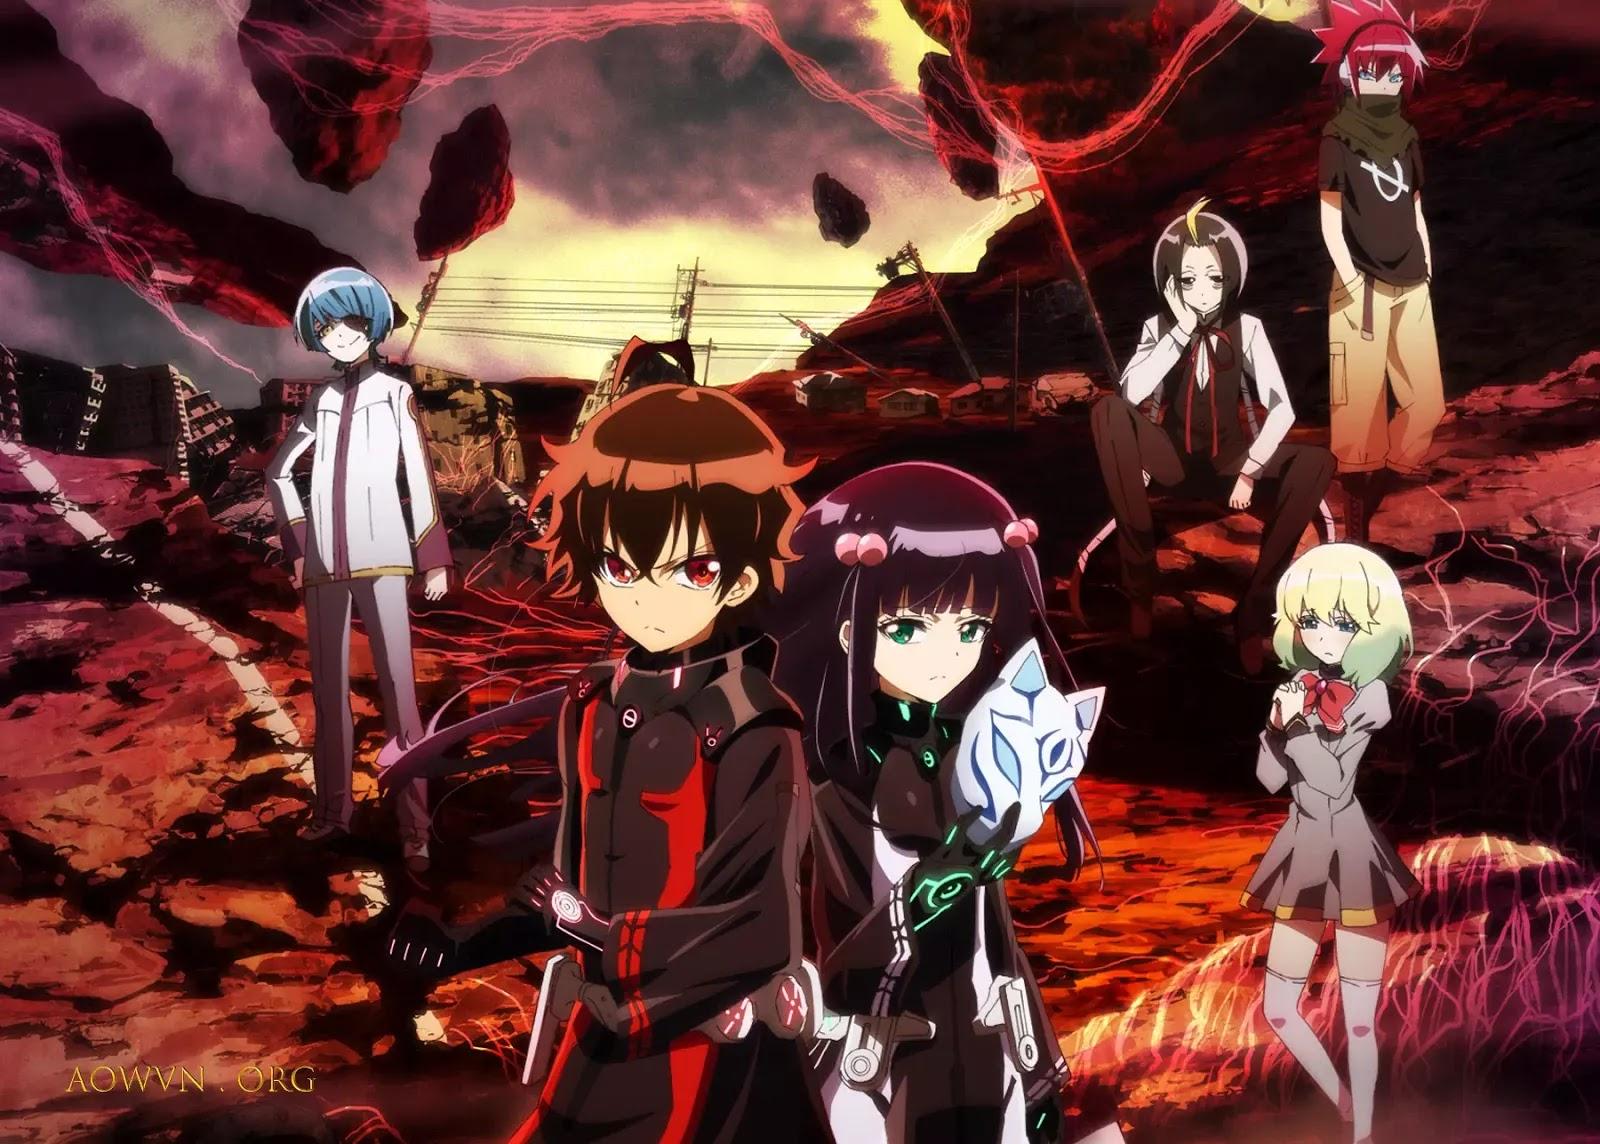 AowVN.org minz%2B%25284%2529 - [ Anime 3gp Mp4 ] Sousei no Onmyouji | Vietsub - Hấp Dẫn